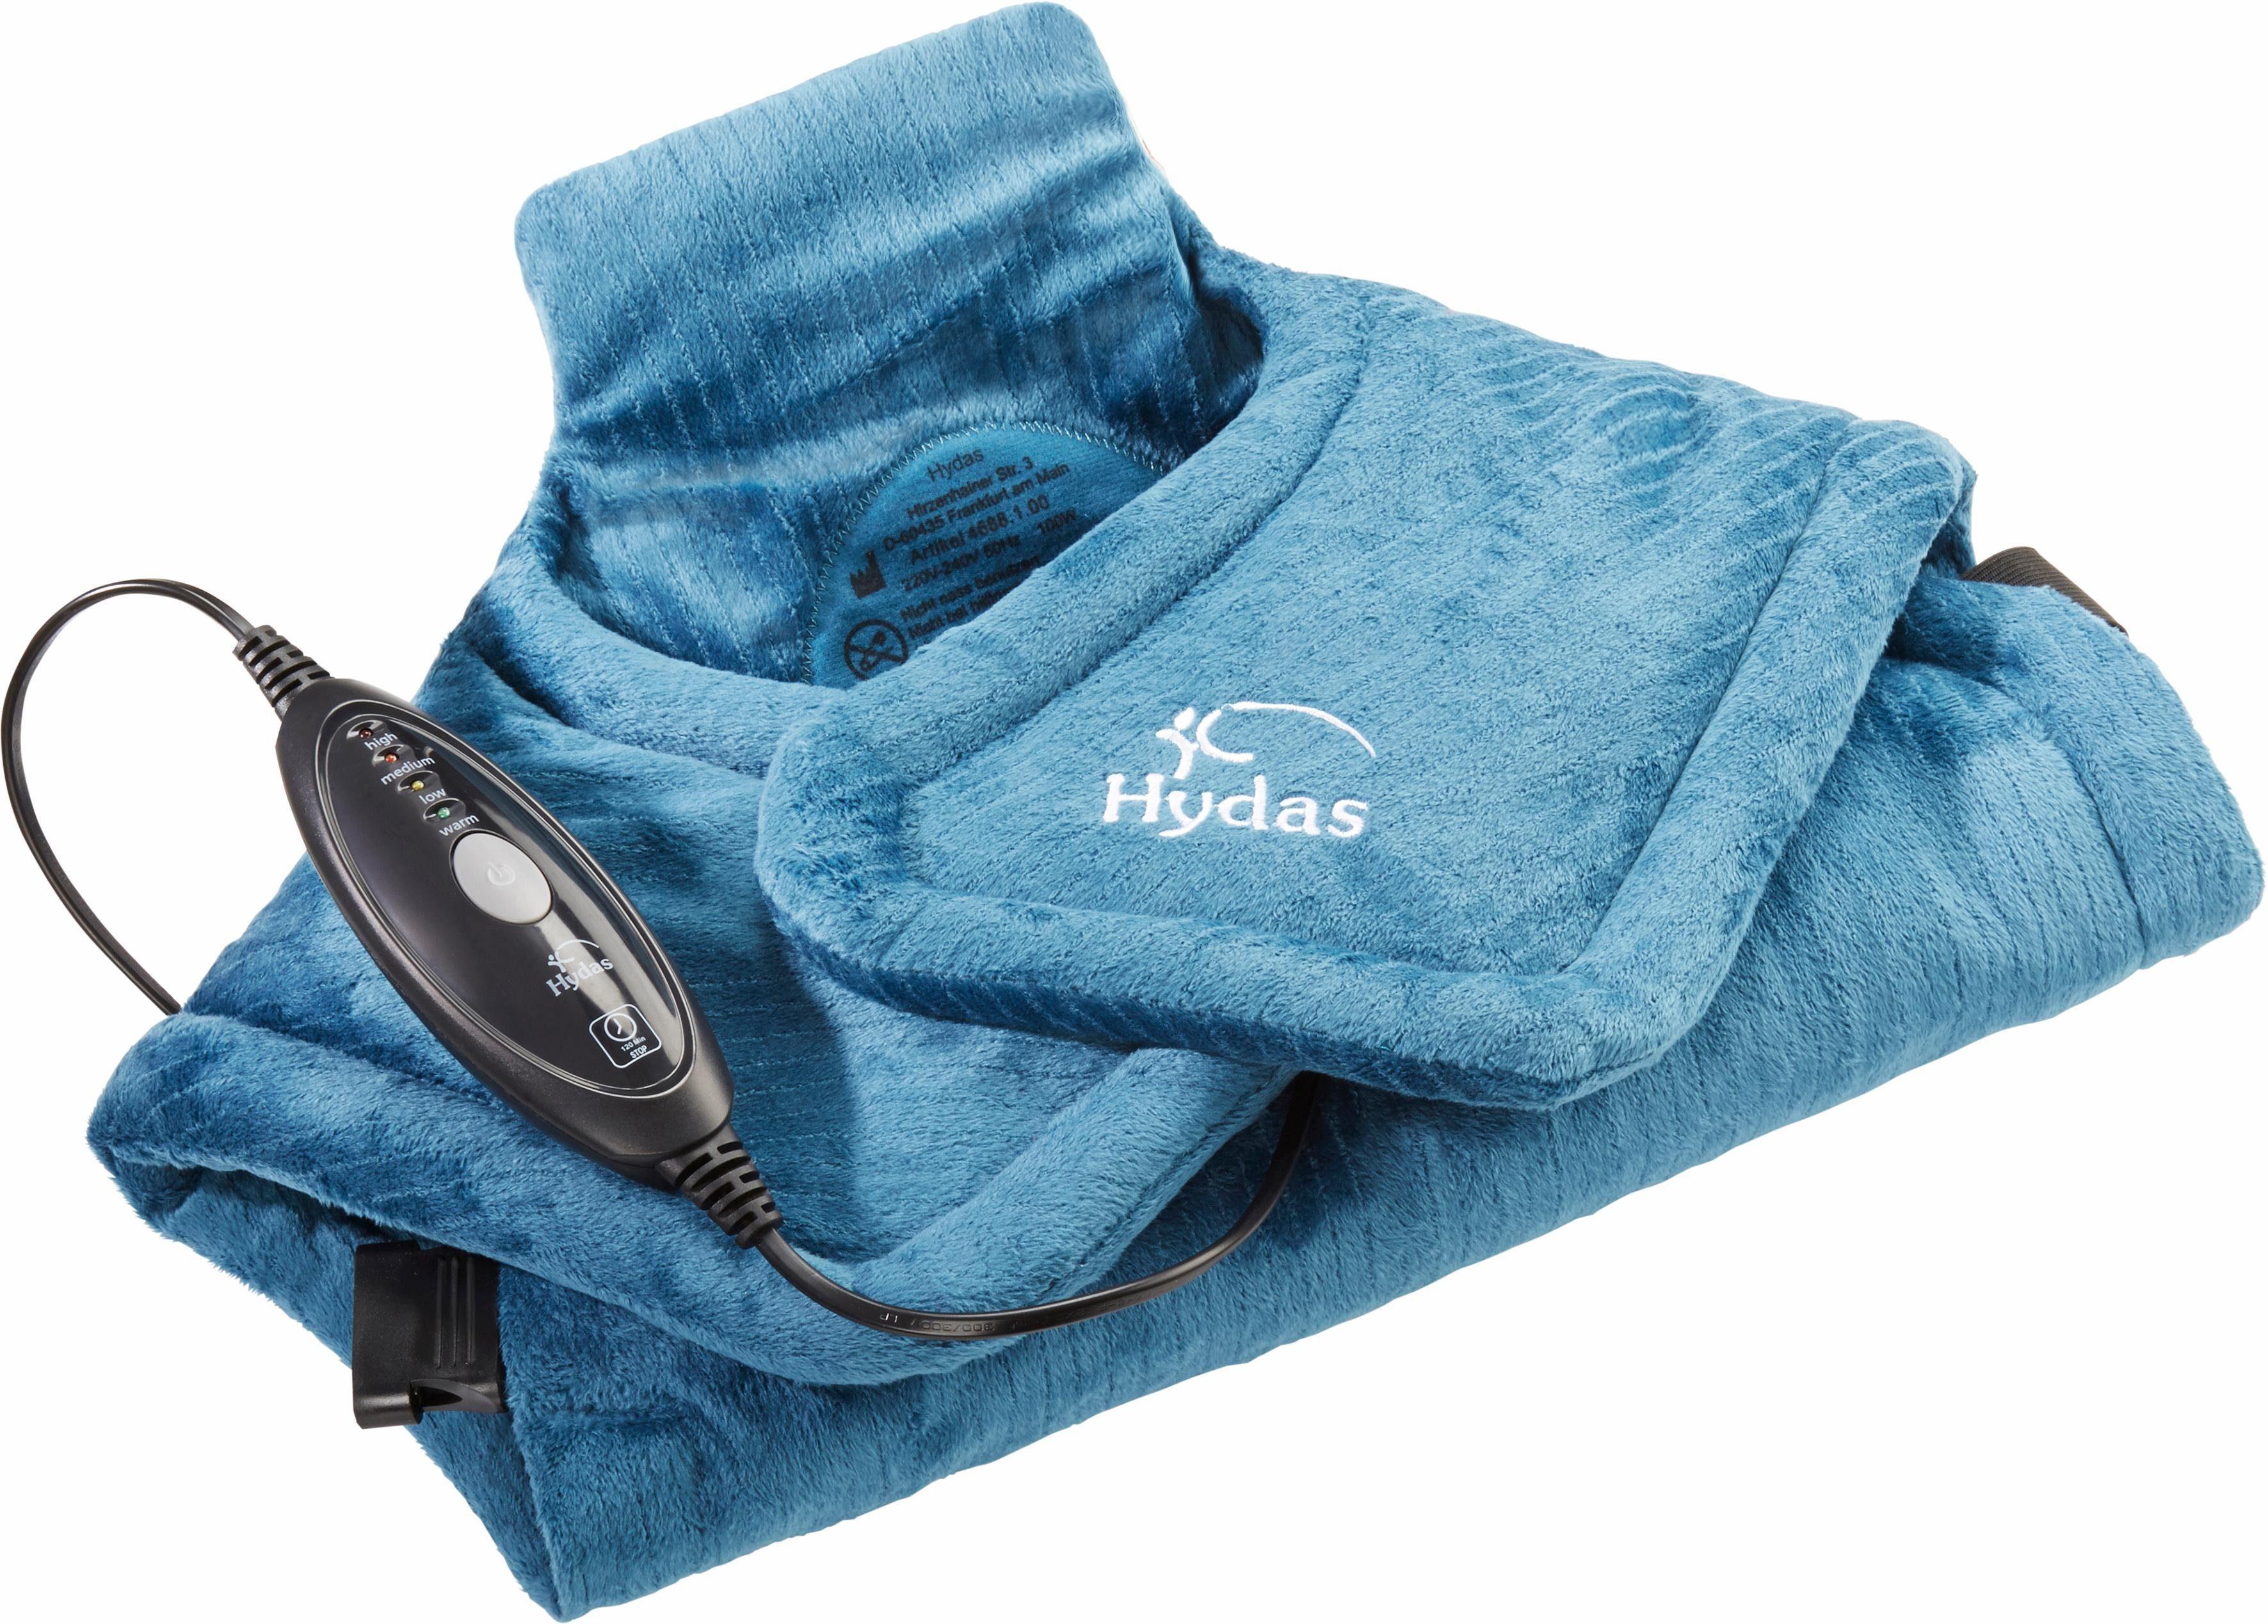 Hydas® Nacken/Schulter/Rücken Heizkissen 4688.1.00, extra lang